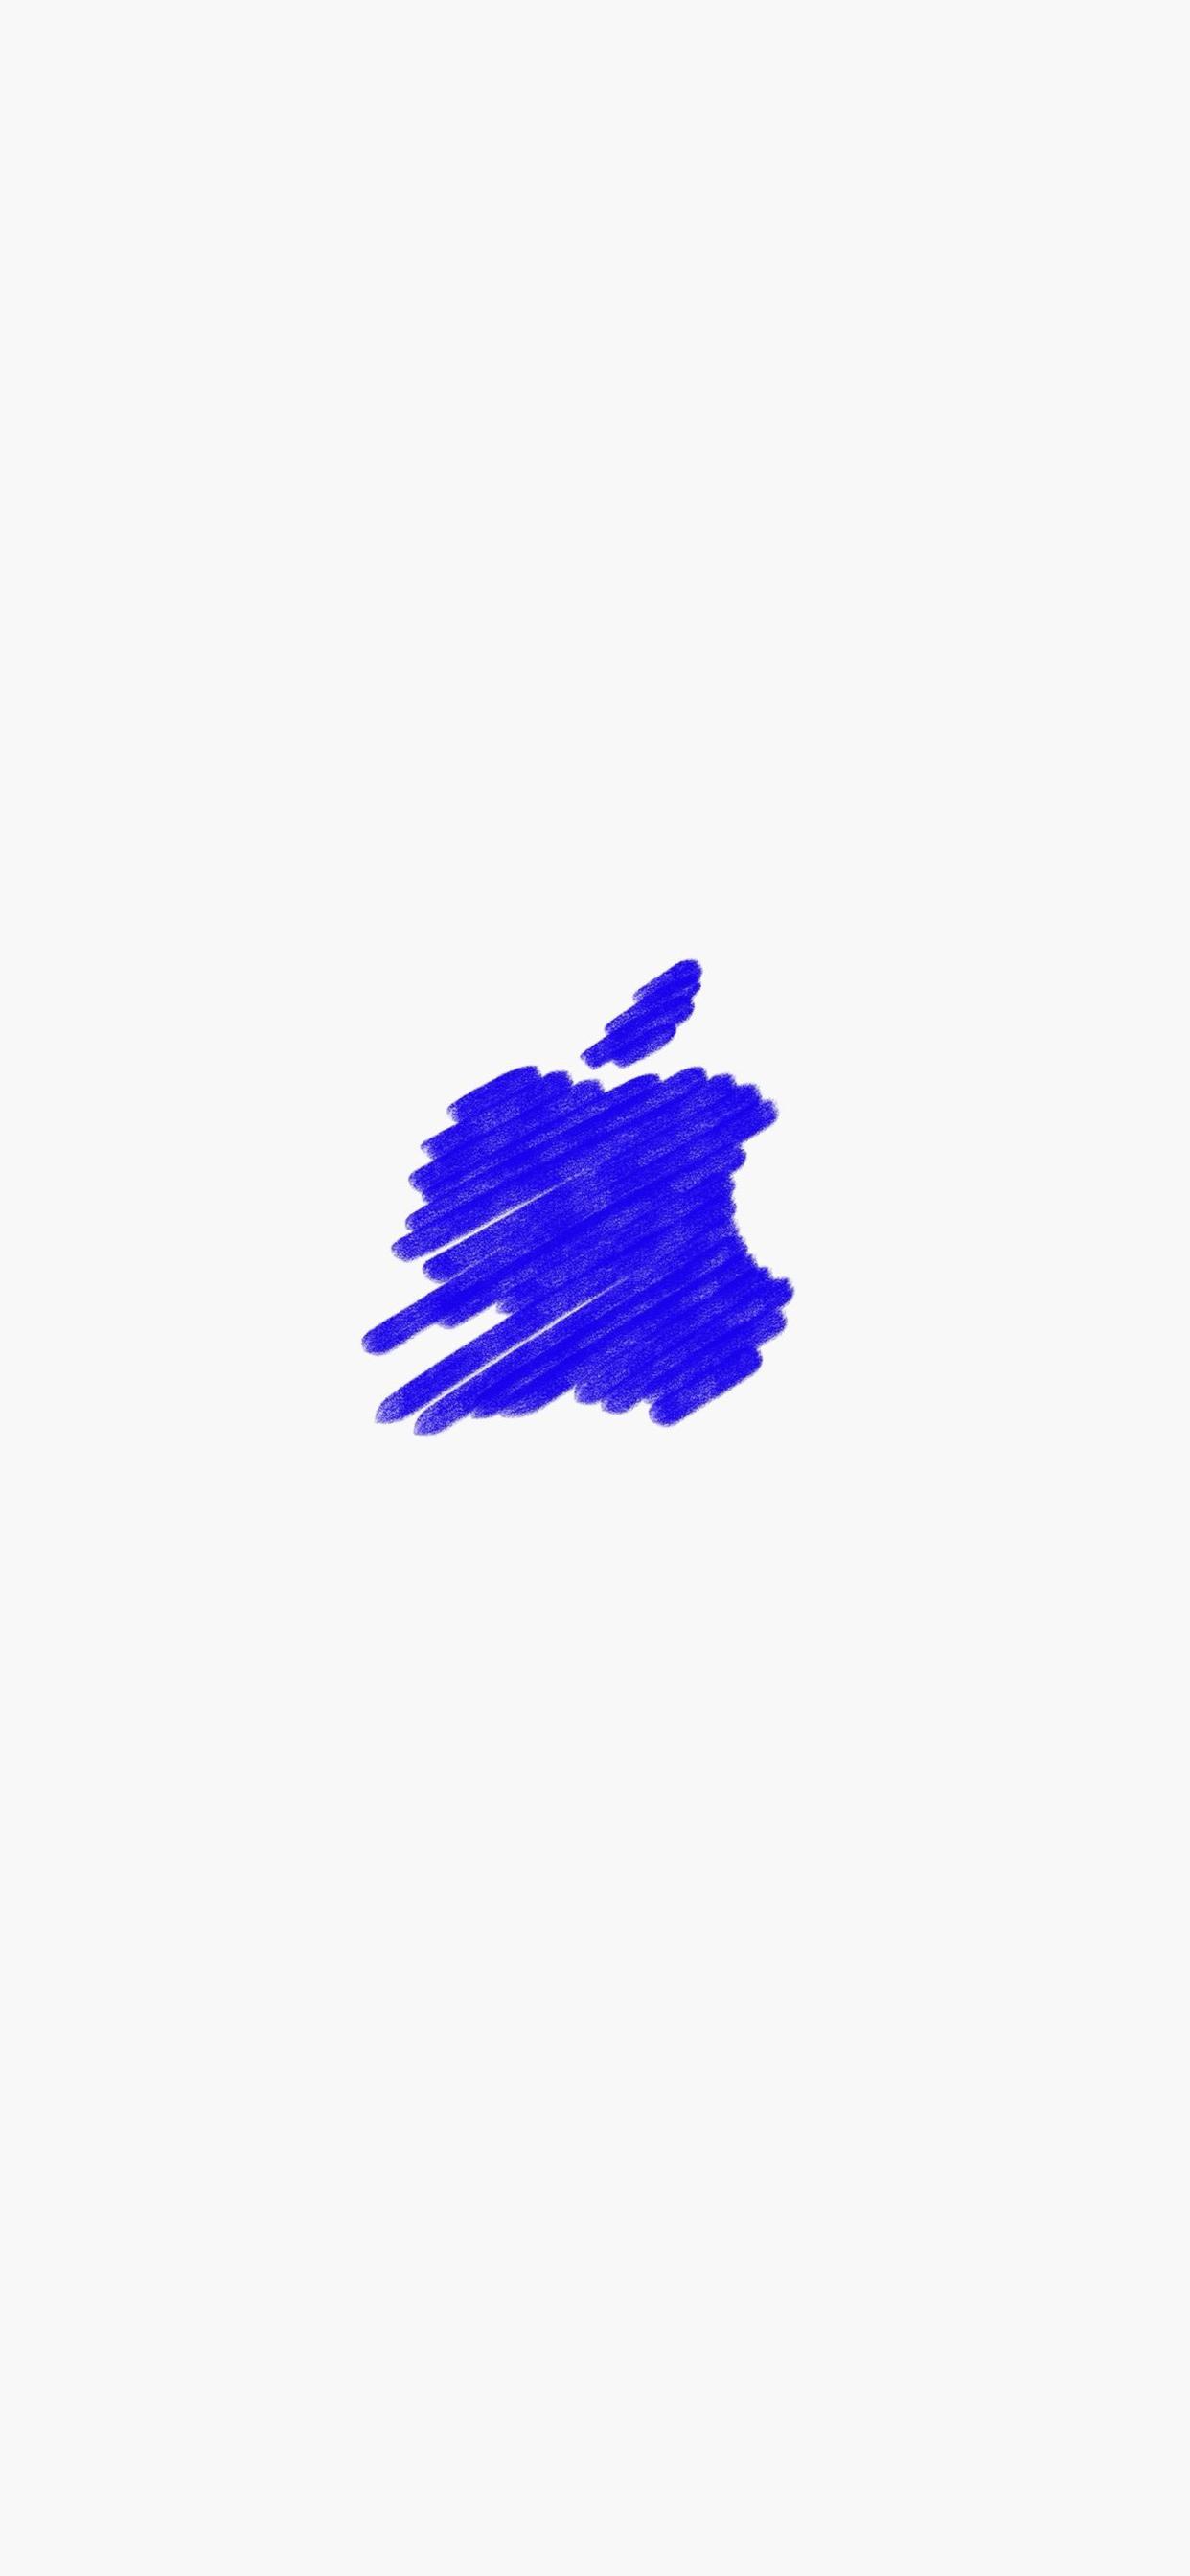 32 Fonds d'écran avec le logo Apple pour iPhone